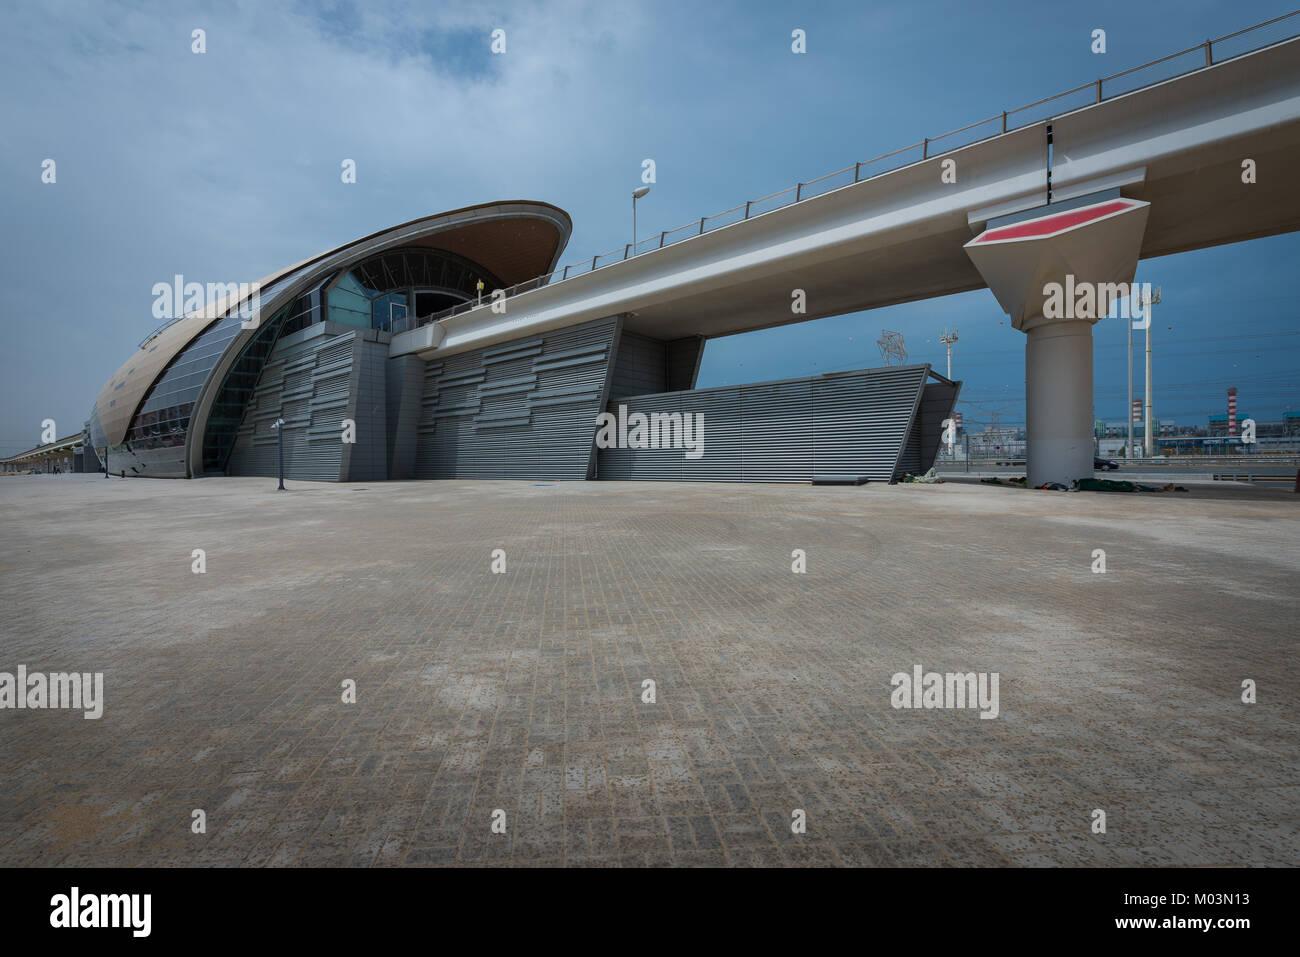 Modernes Äußeres von Ibn Battuta Station auf der Dubai Metro - ein ...